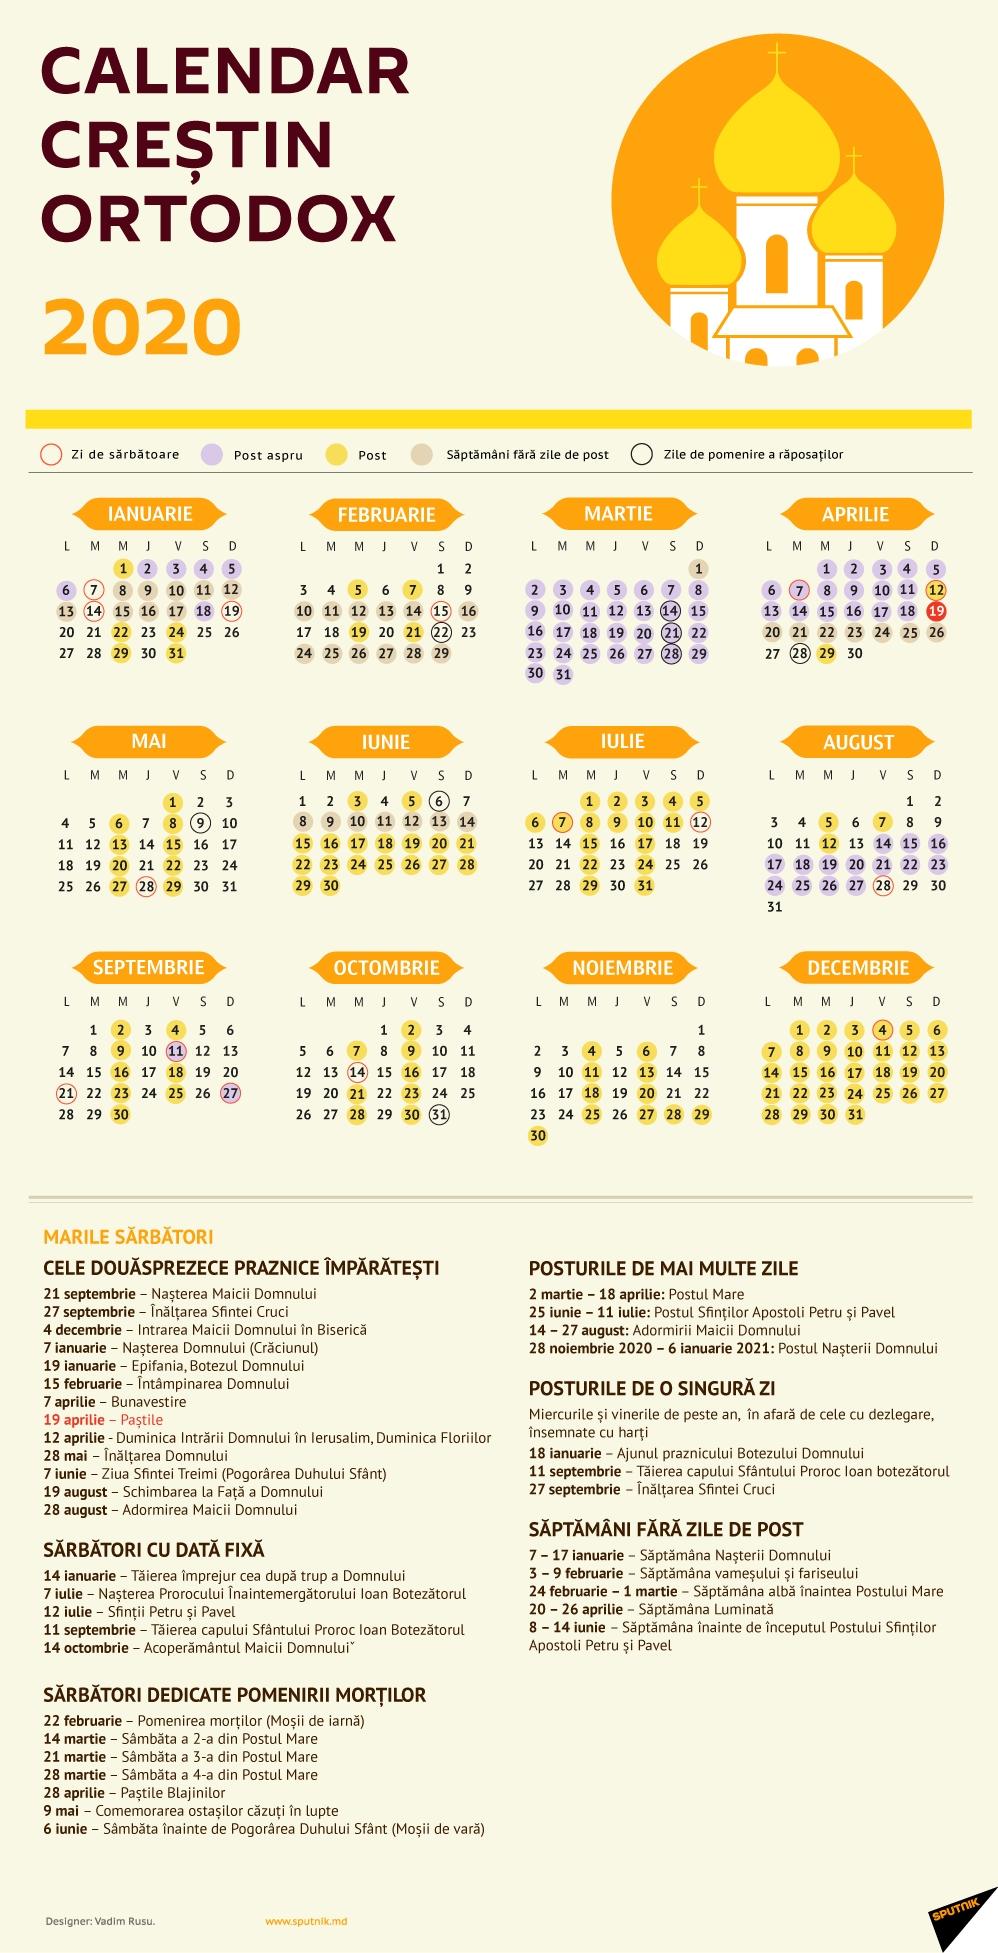 Calendar Creștin Ortodox 2020 - Sărbători Religioase